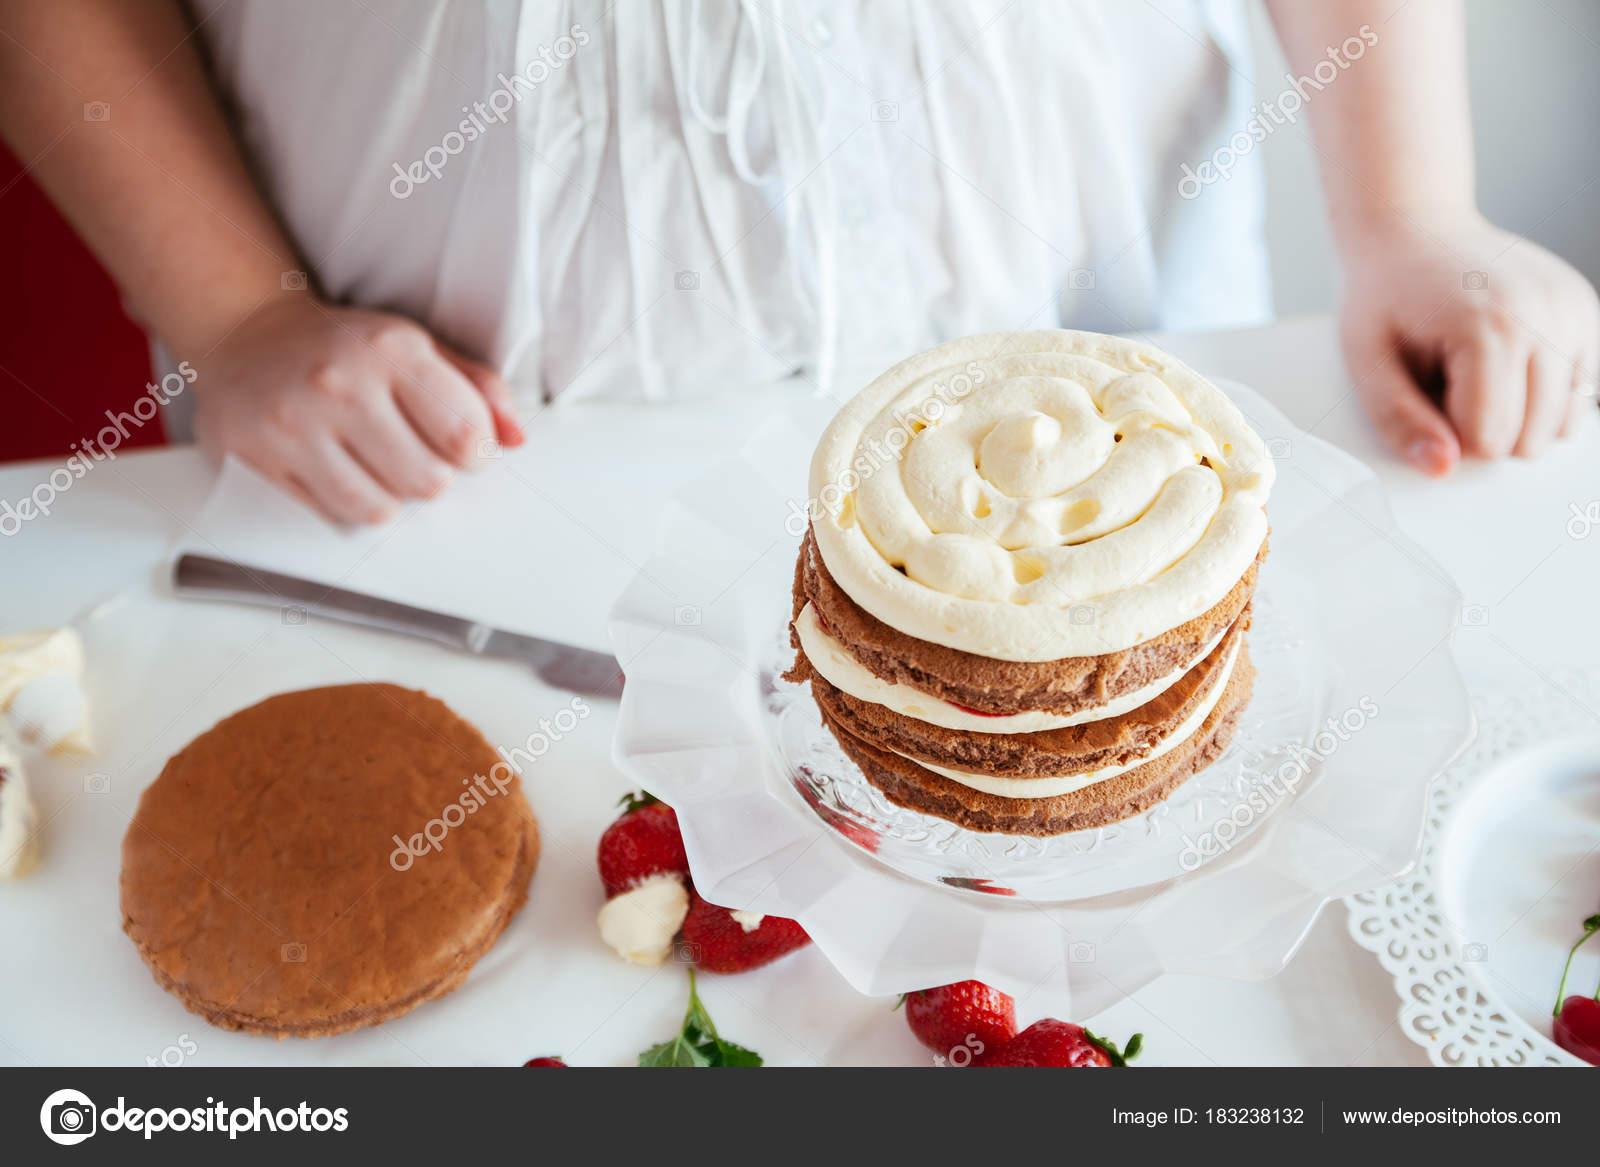 Woman Making The Naked Cake — Stock Photo © NatashaPhoto #183238132